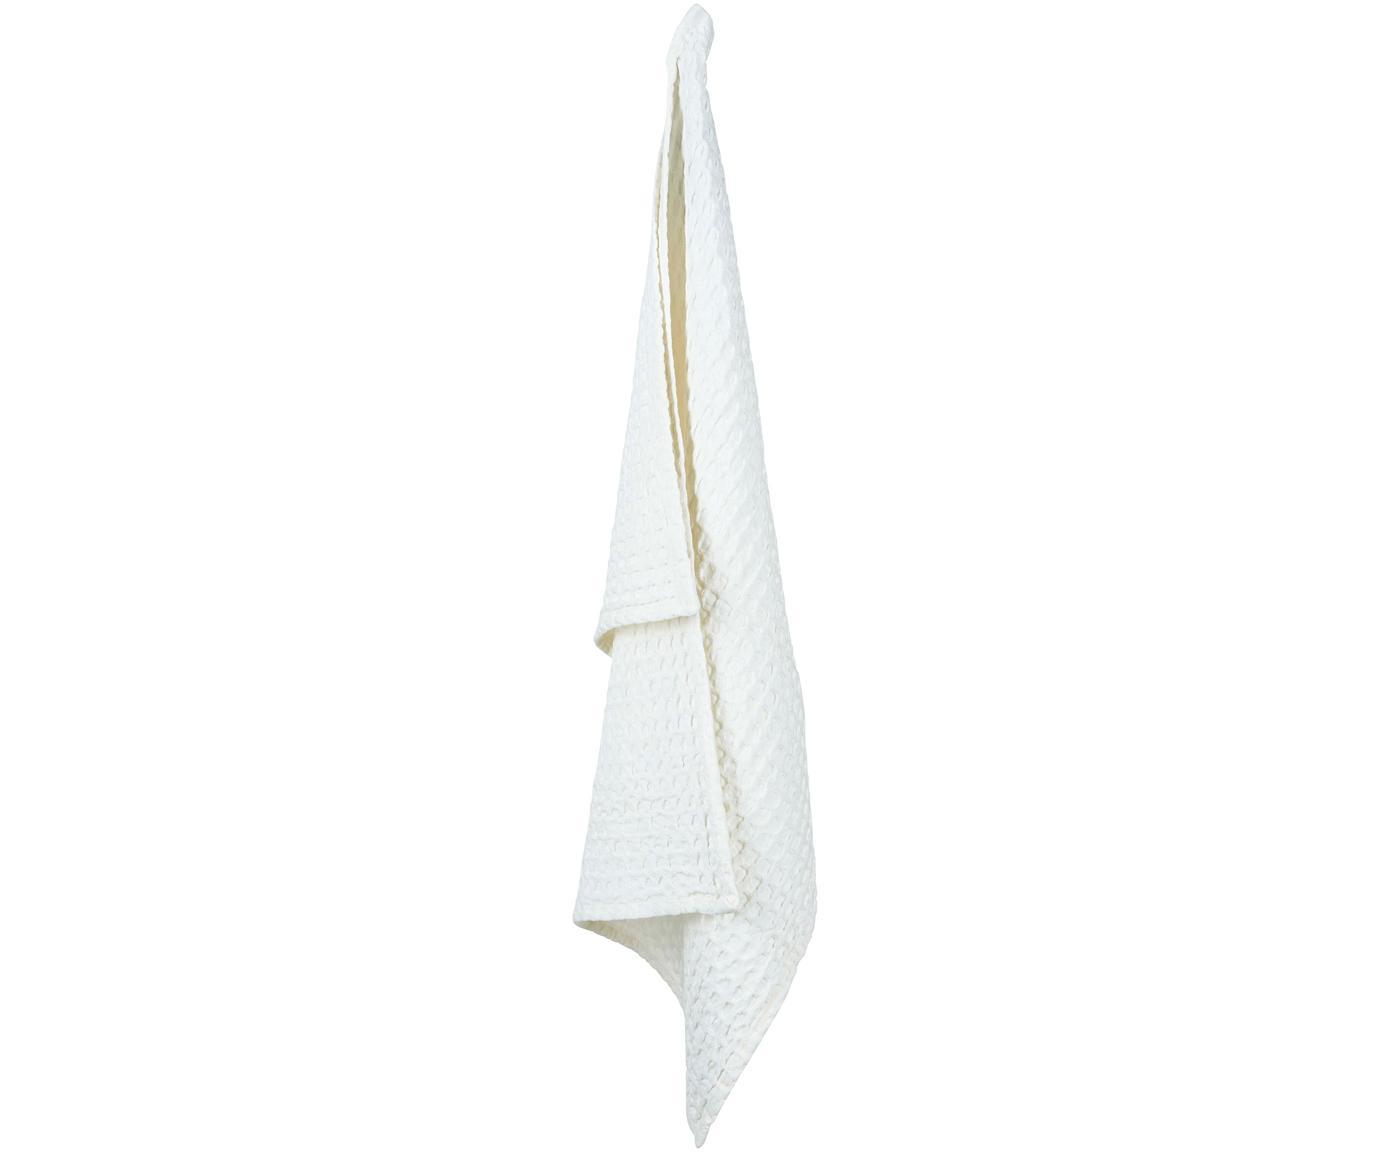 Waffelpiqué-Geschirrtücher Wanda, 2 Stück, Organische Baumwolle, Weiß, 50 x 70 cm